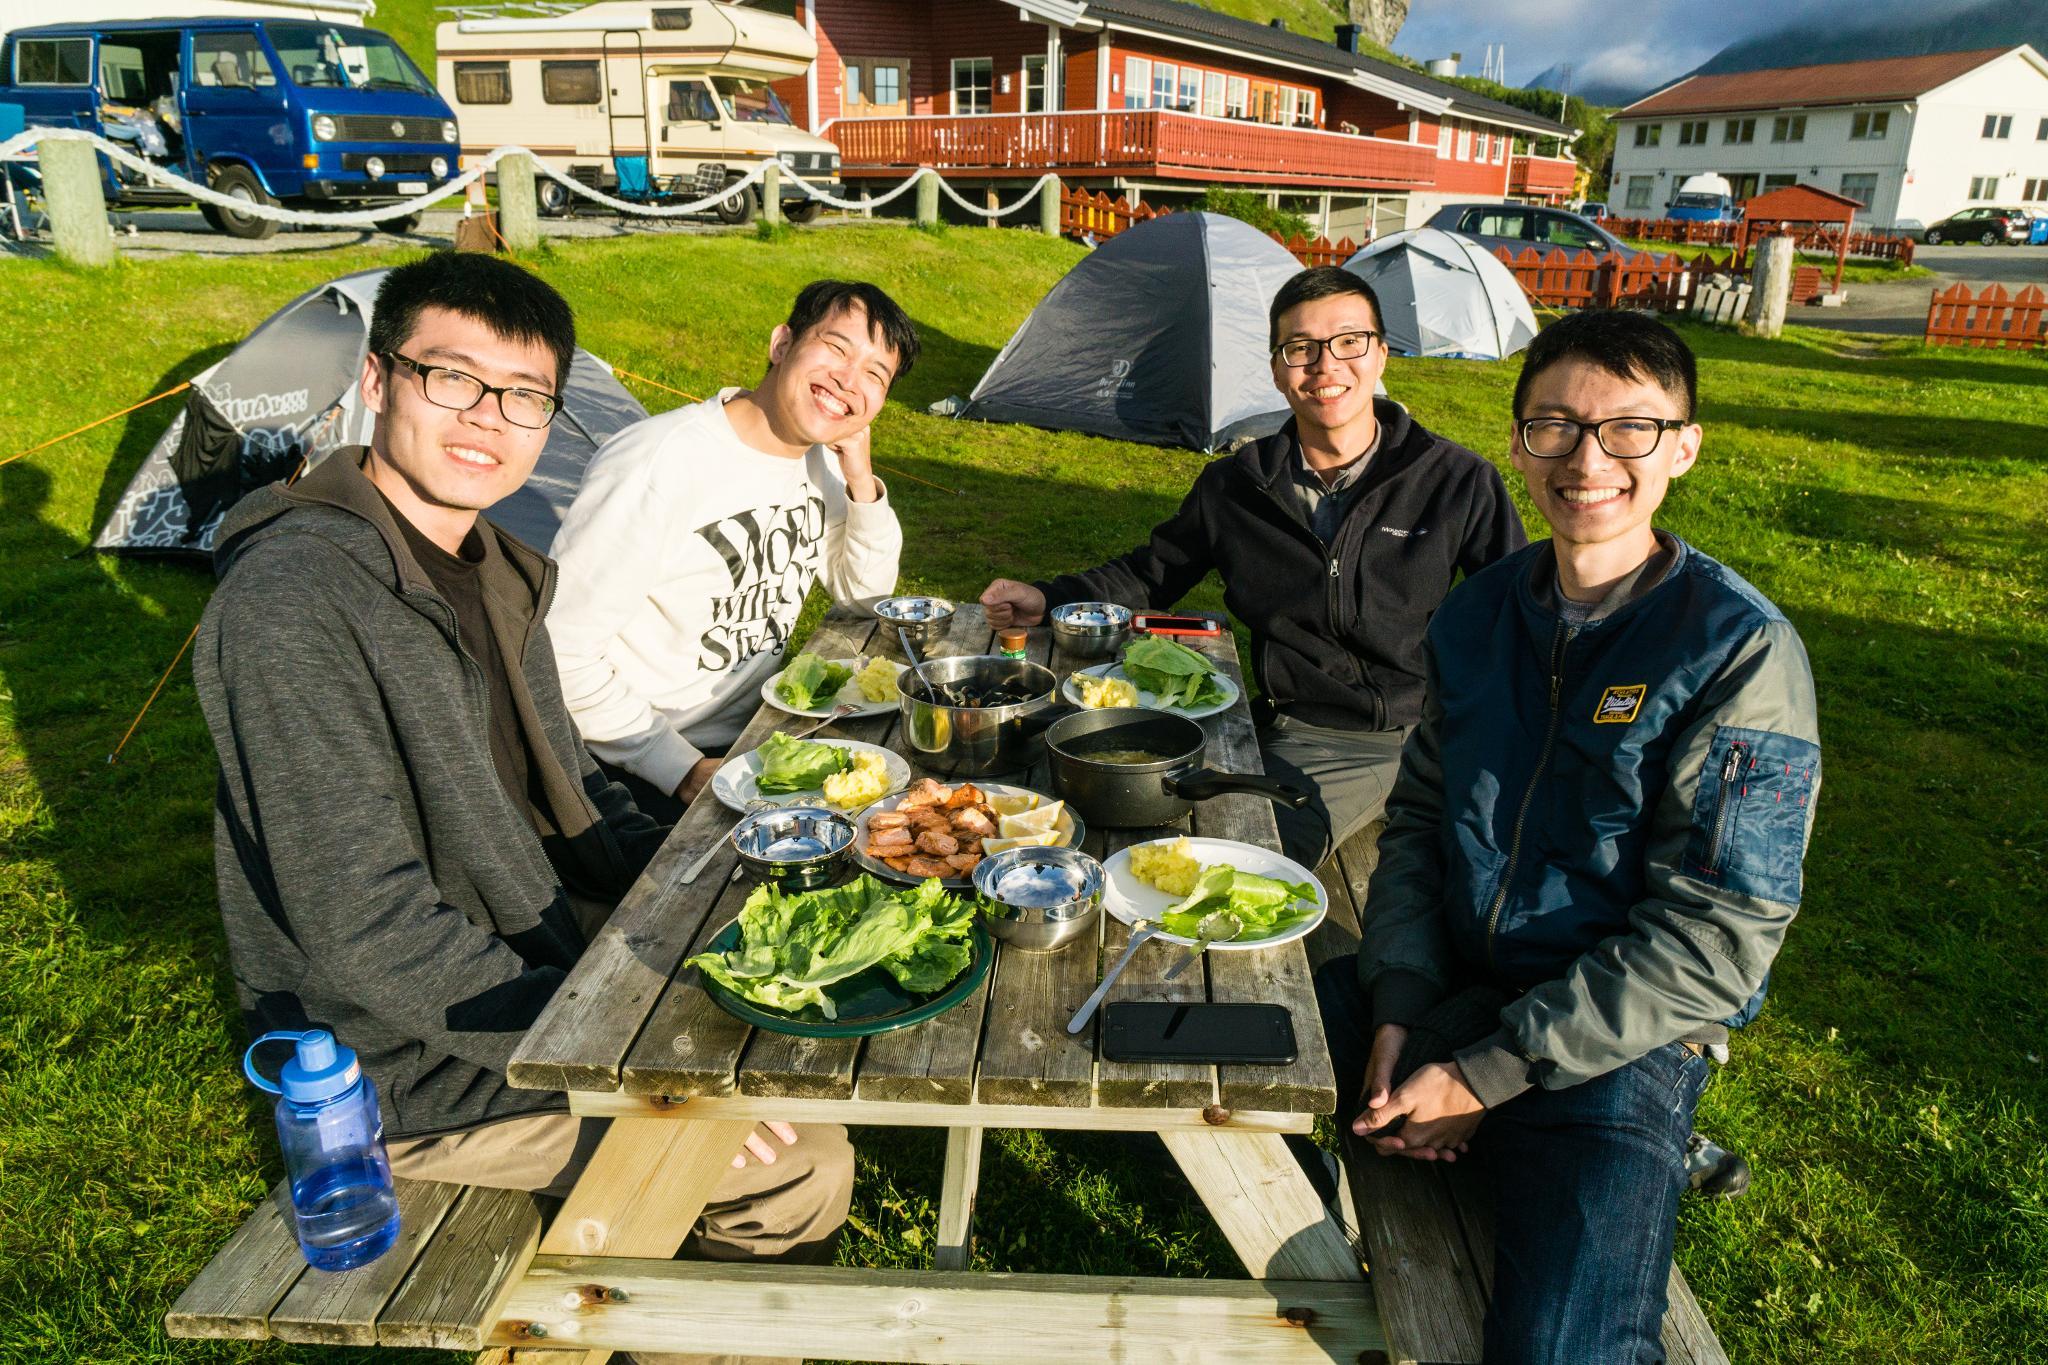 【北歐露營】推薦羅弗敦群島露營地 - Ramberg Camping 18